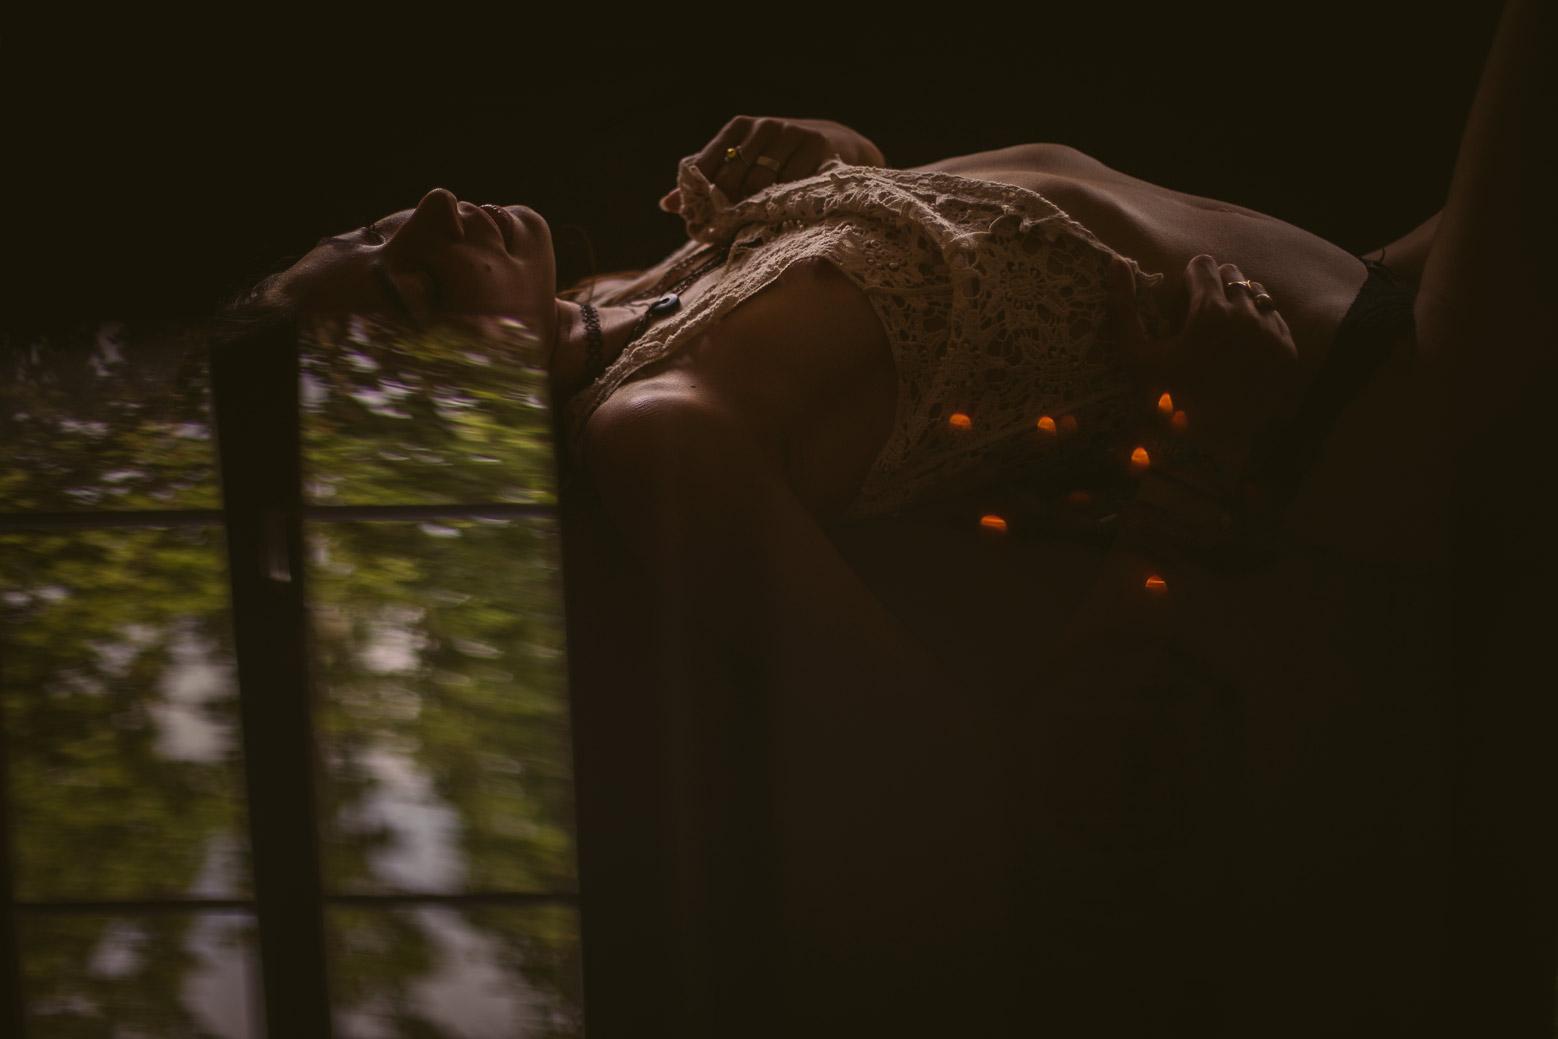 Galerie de photo de femmes nues à Lyon de séance photo intime et boudoir par un photographe professionnel. Blueberry Corner photographe boudoir à Lyon pour couple et femme